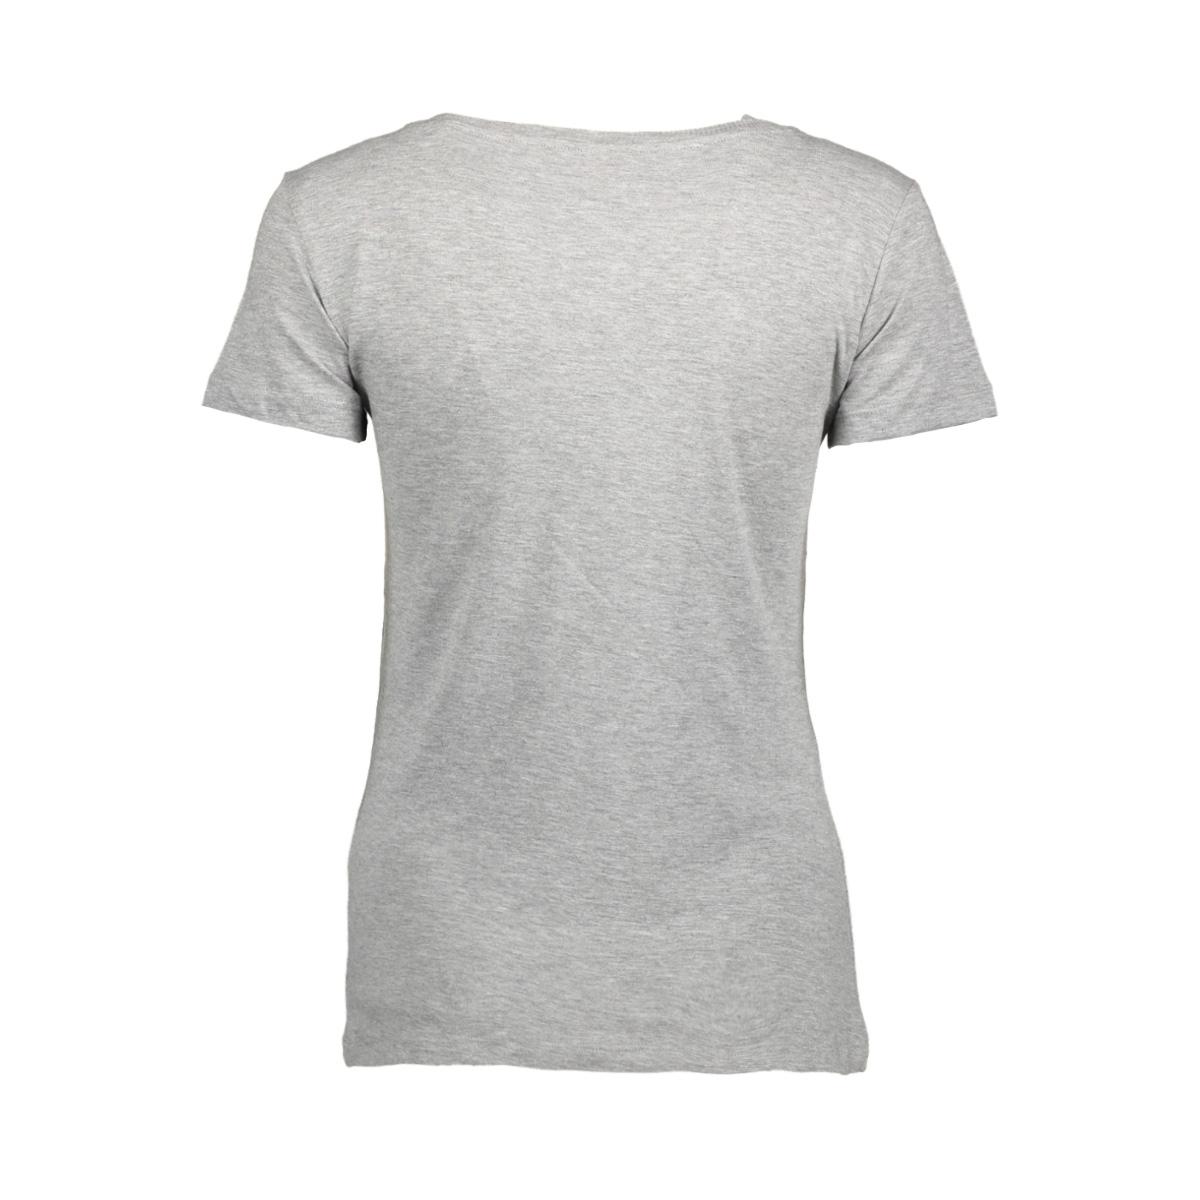 jdychicagos 7 s/s print top 11 jrs 15141657 jacqueline de yong t-shirt light grey melange